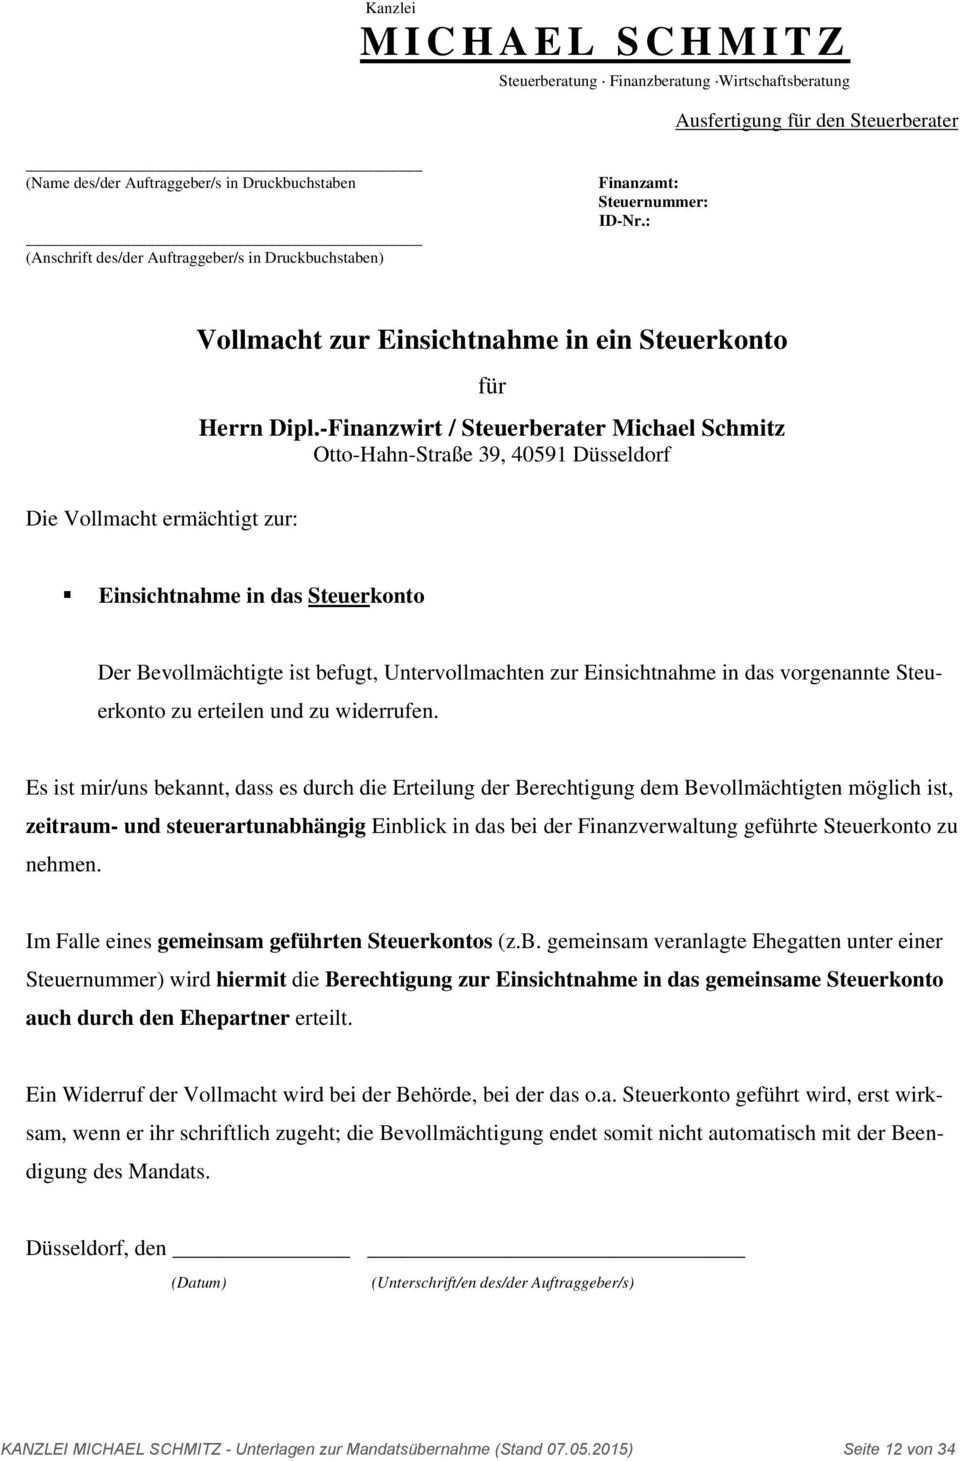 Benotigte Unterlagen Zur Mandatsubernahme Pdf Kostenfreier Download